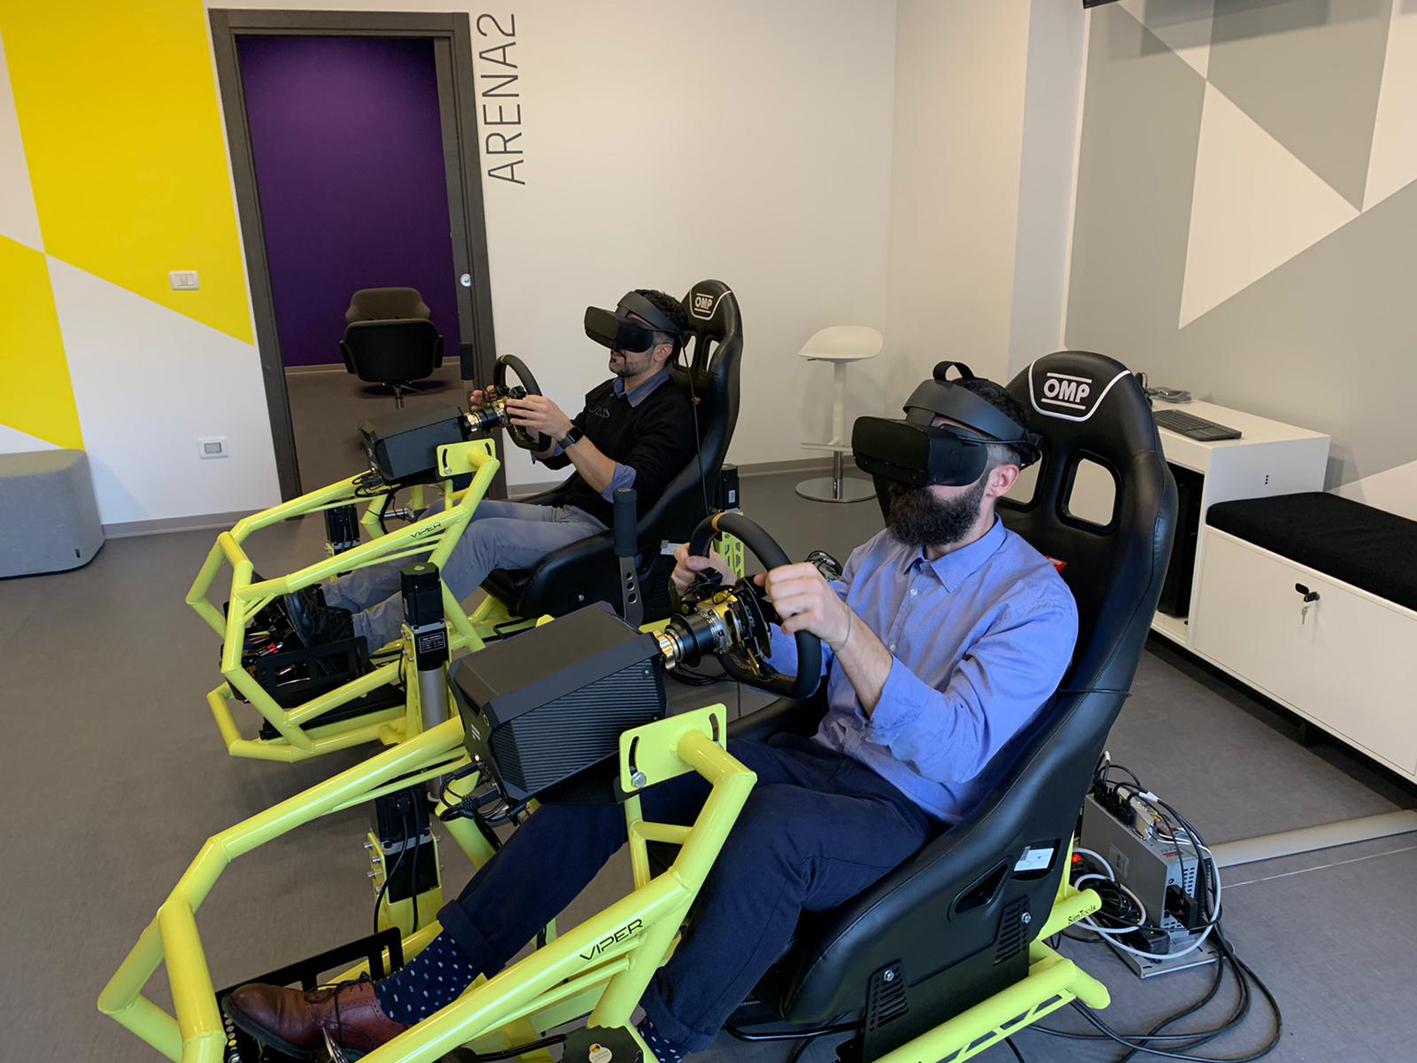 VRUMS – la realtà virtuale